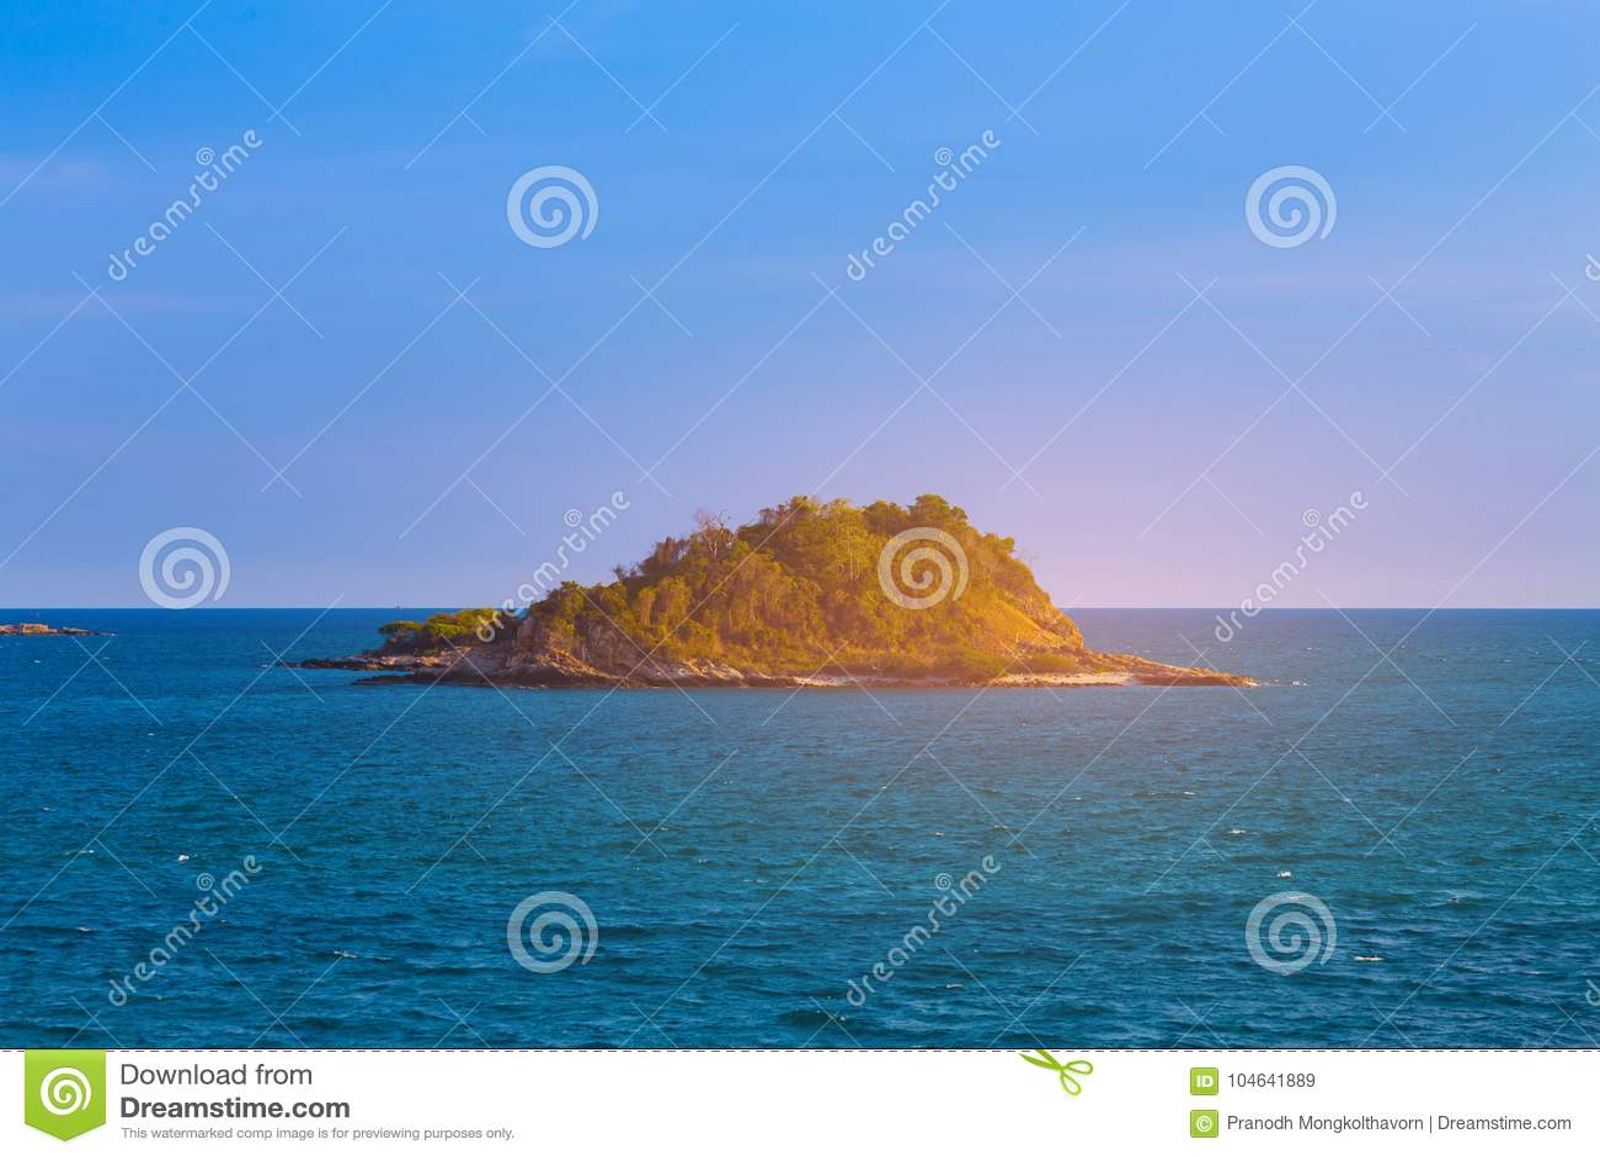 Download Schoonheidszonsondergang Over Alleen Eiland Over Oceaanhorizon Stock Afbeelding - Afbeelding bestaande uit golf, east: 104641889